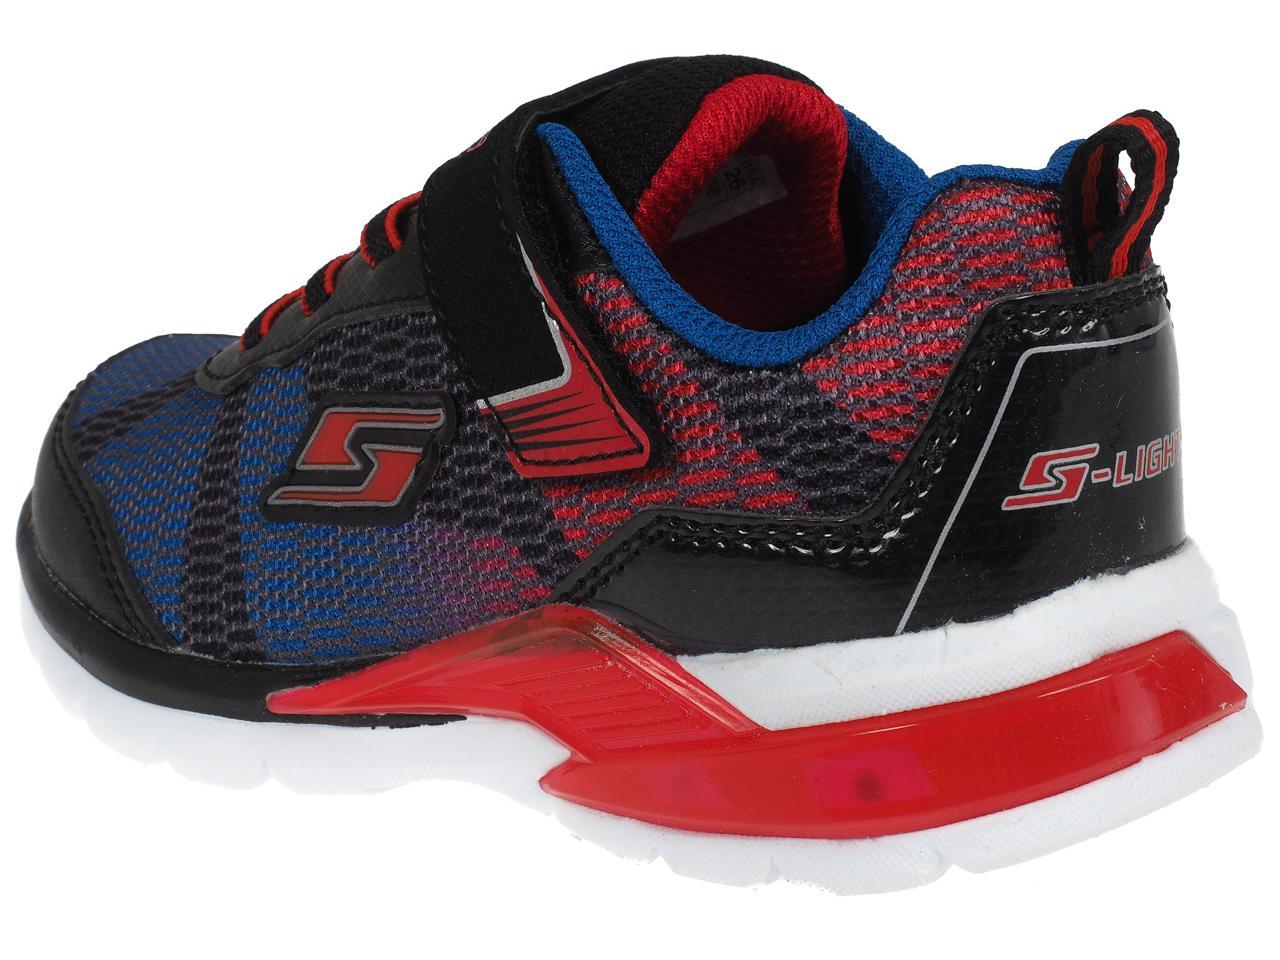 Chaussures-scratch-Skechers-Erupters-lava-lumiere-Bleu-38585-Neuf